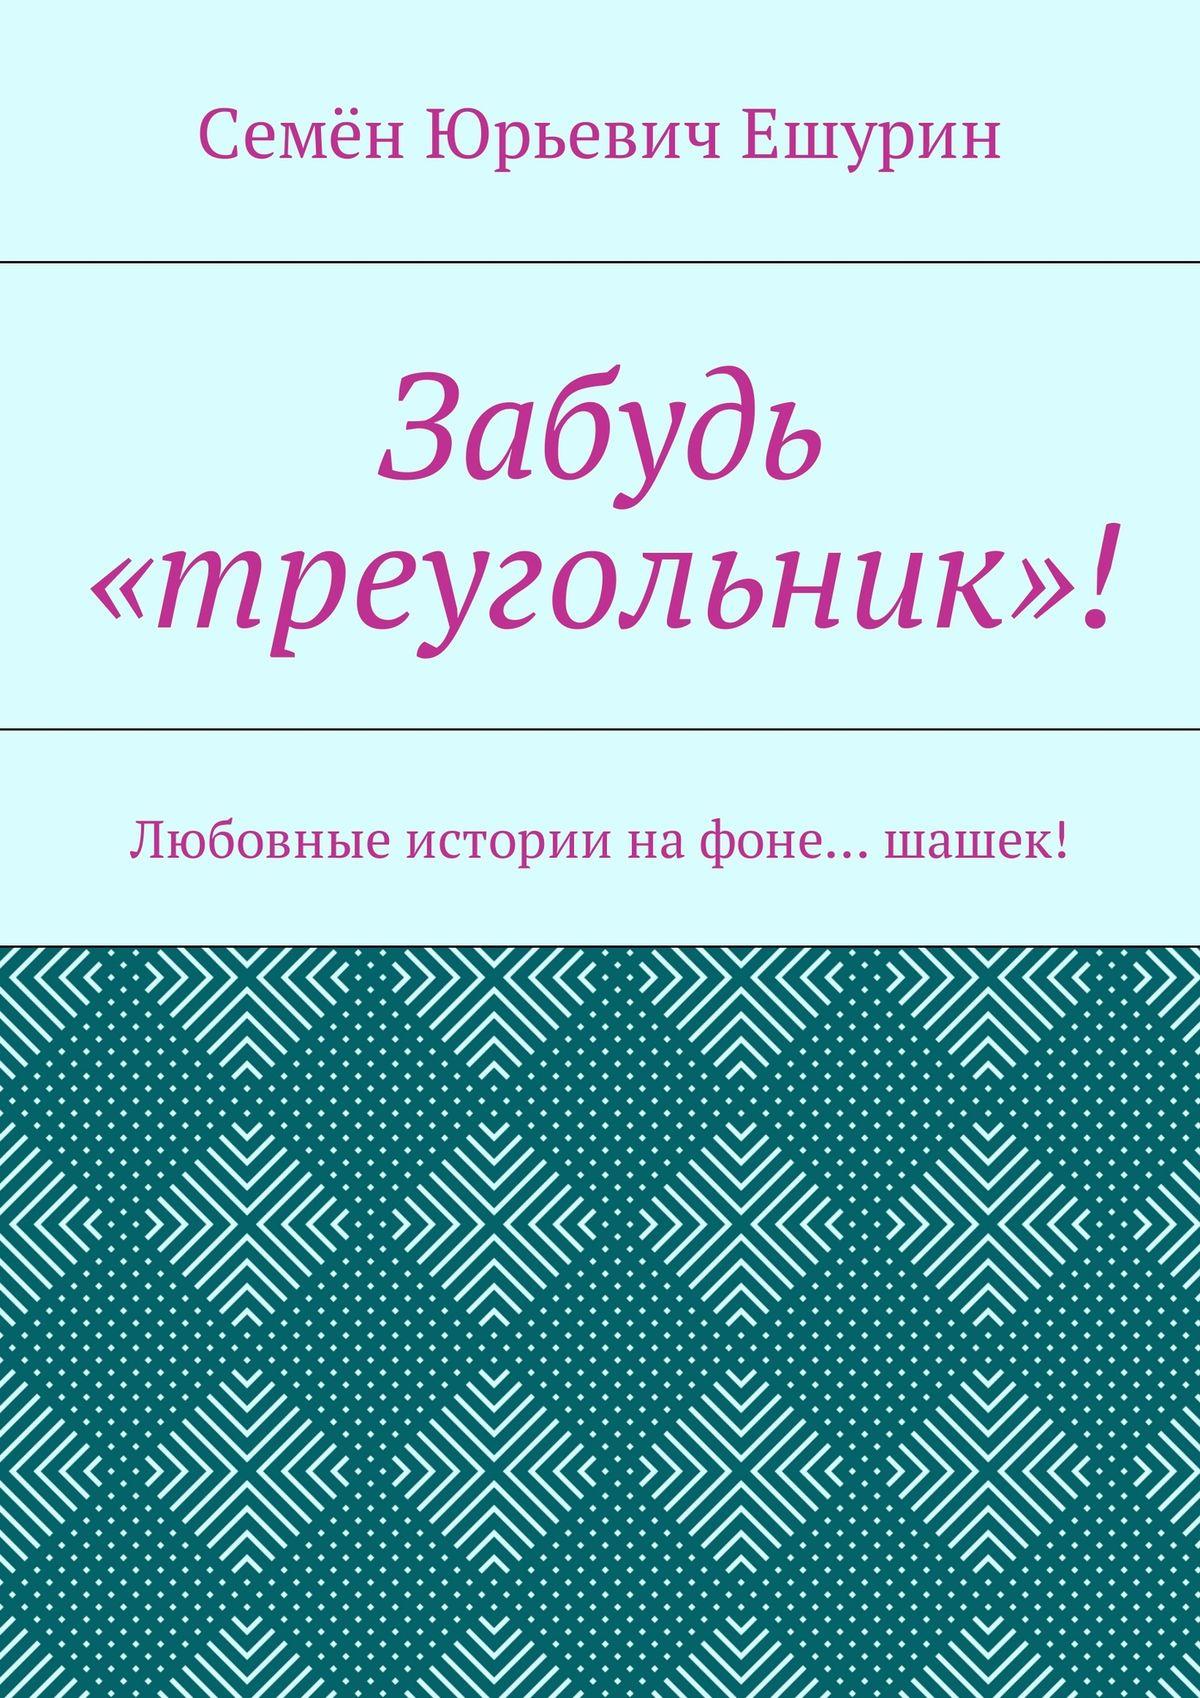 Семён Юрьевич Ешурин Забудь «треугольник»! Любовные истории нафоне… шашек! семён юрьевич ешурин крах операции лукоморье повесть онепорочной… проститутке